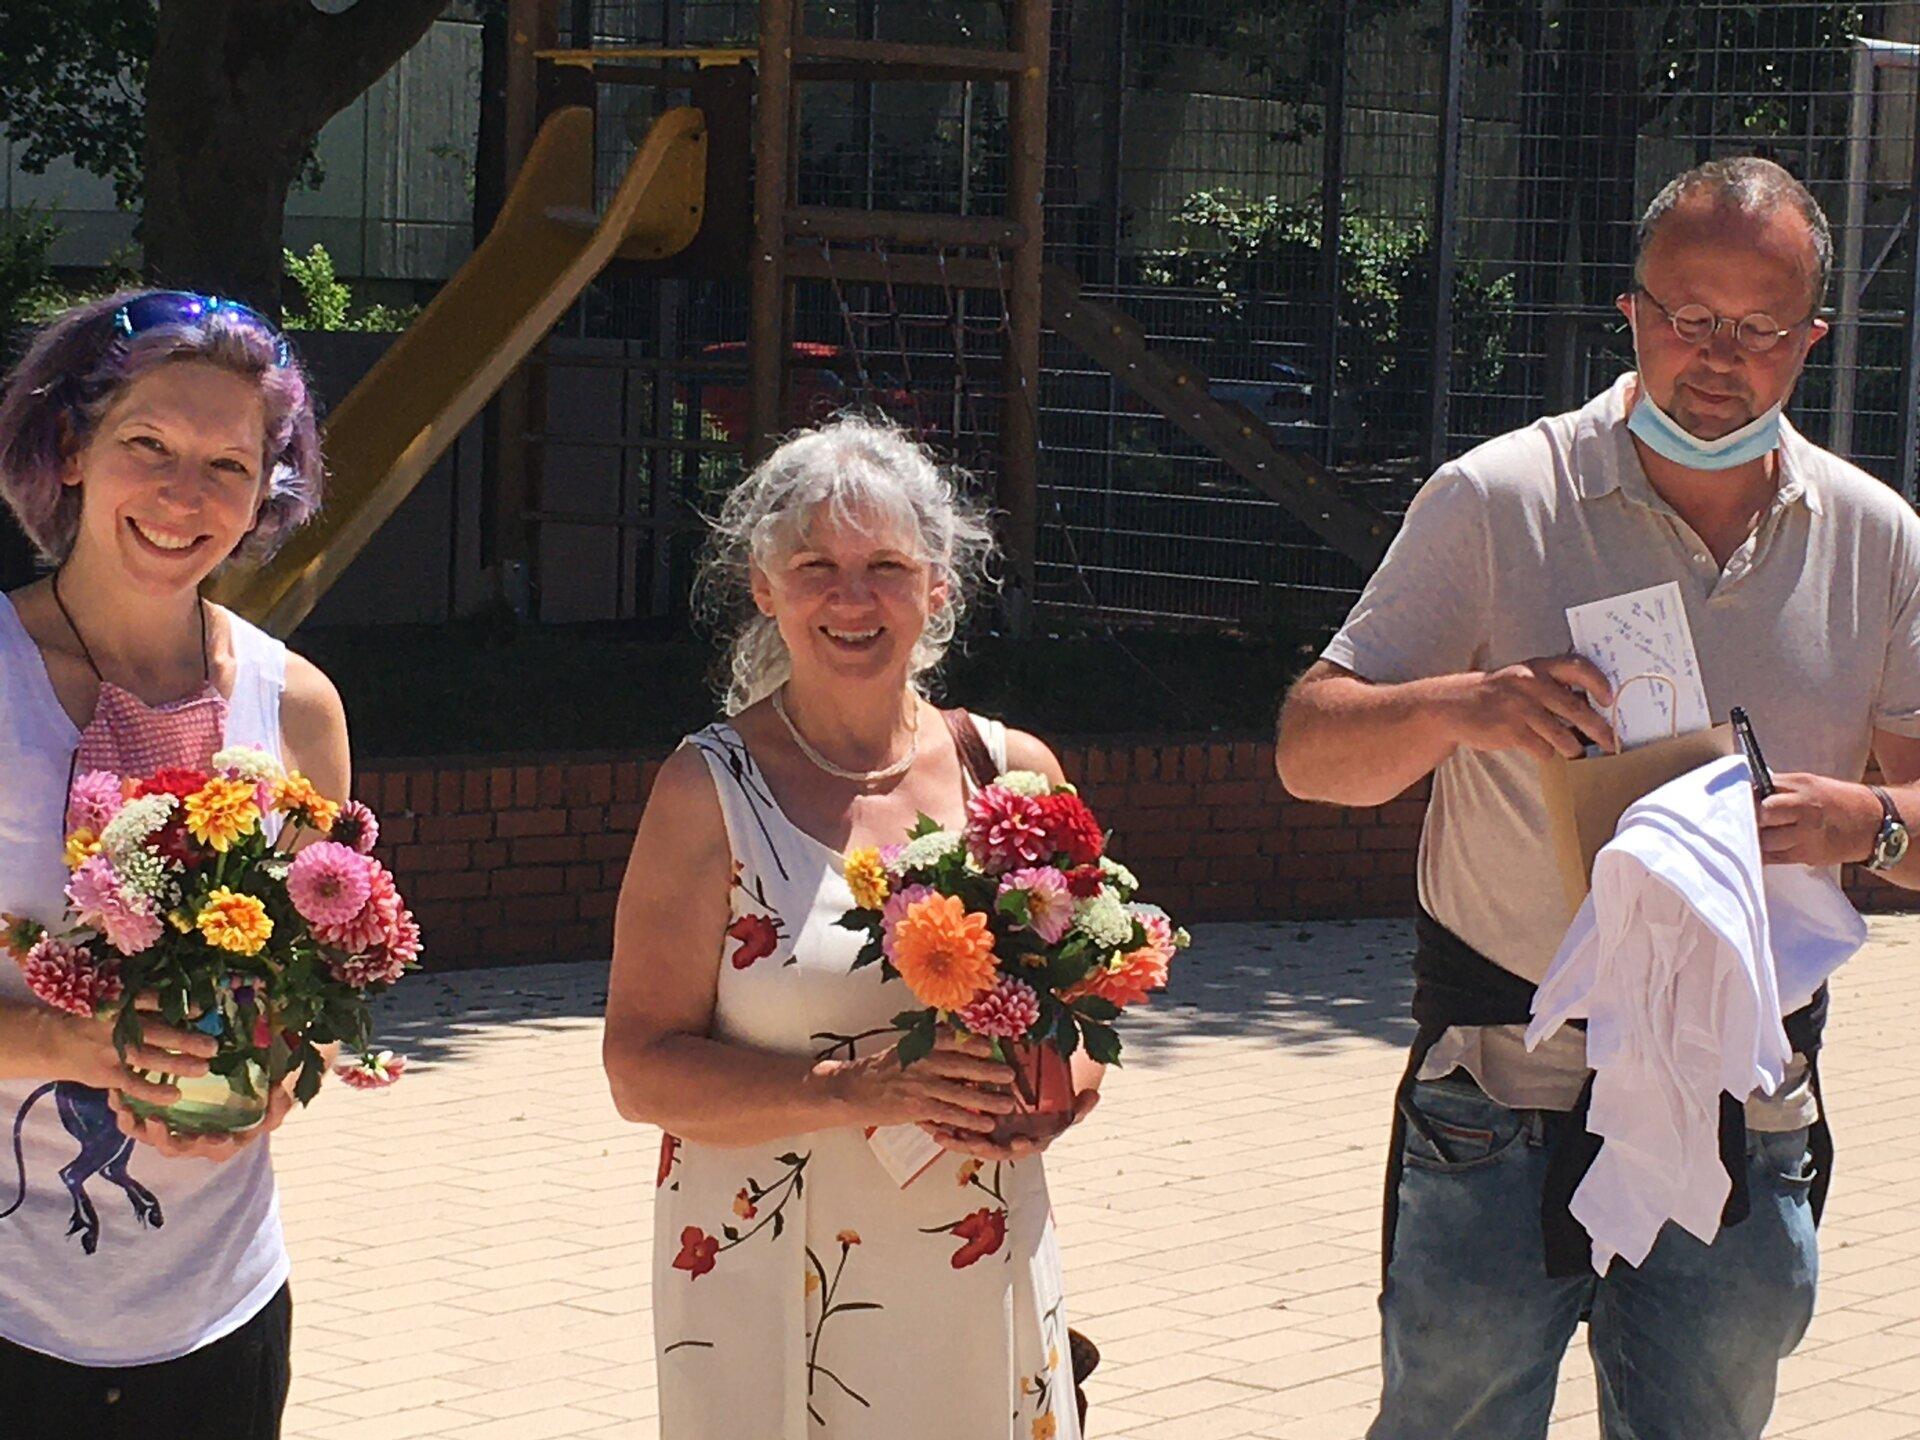 Frau Freudenthaler, Frau Klug und Herr Correll